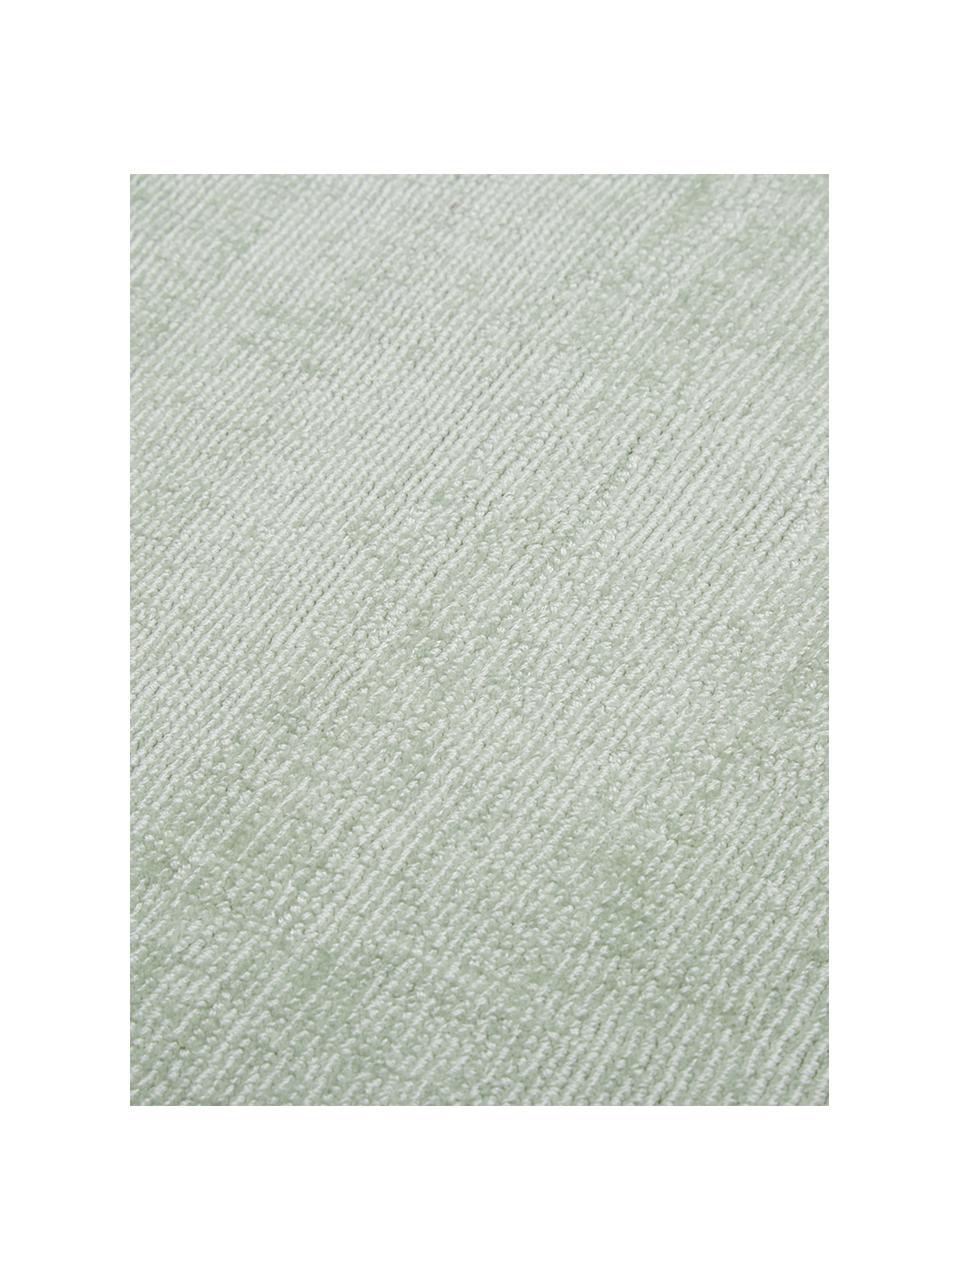 Tappeto in viscosa verde lime tessuto a mano Jane, Retro: 100% cotone, Verde lime, Larg. 120 x Lung. 180 cm (taglia S)